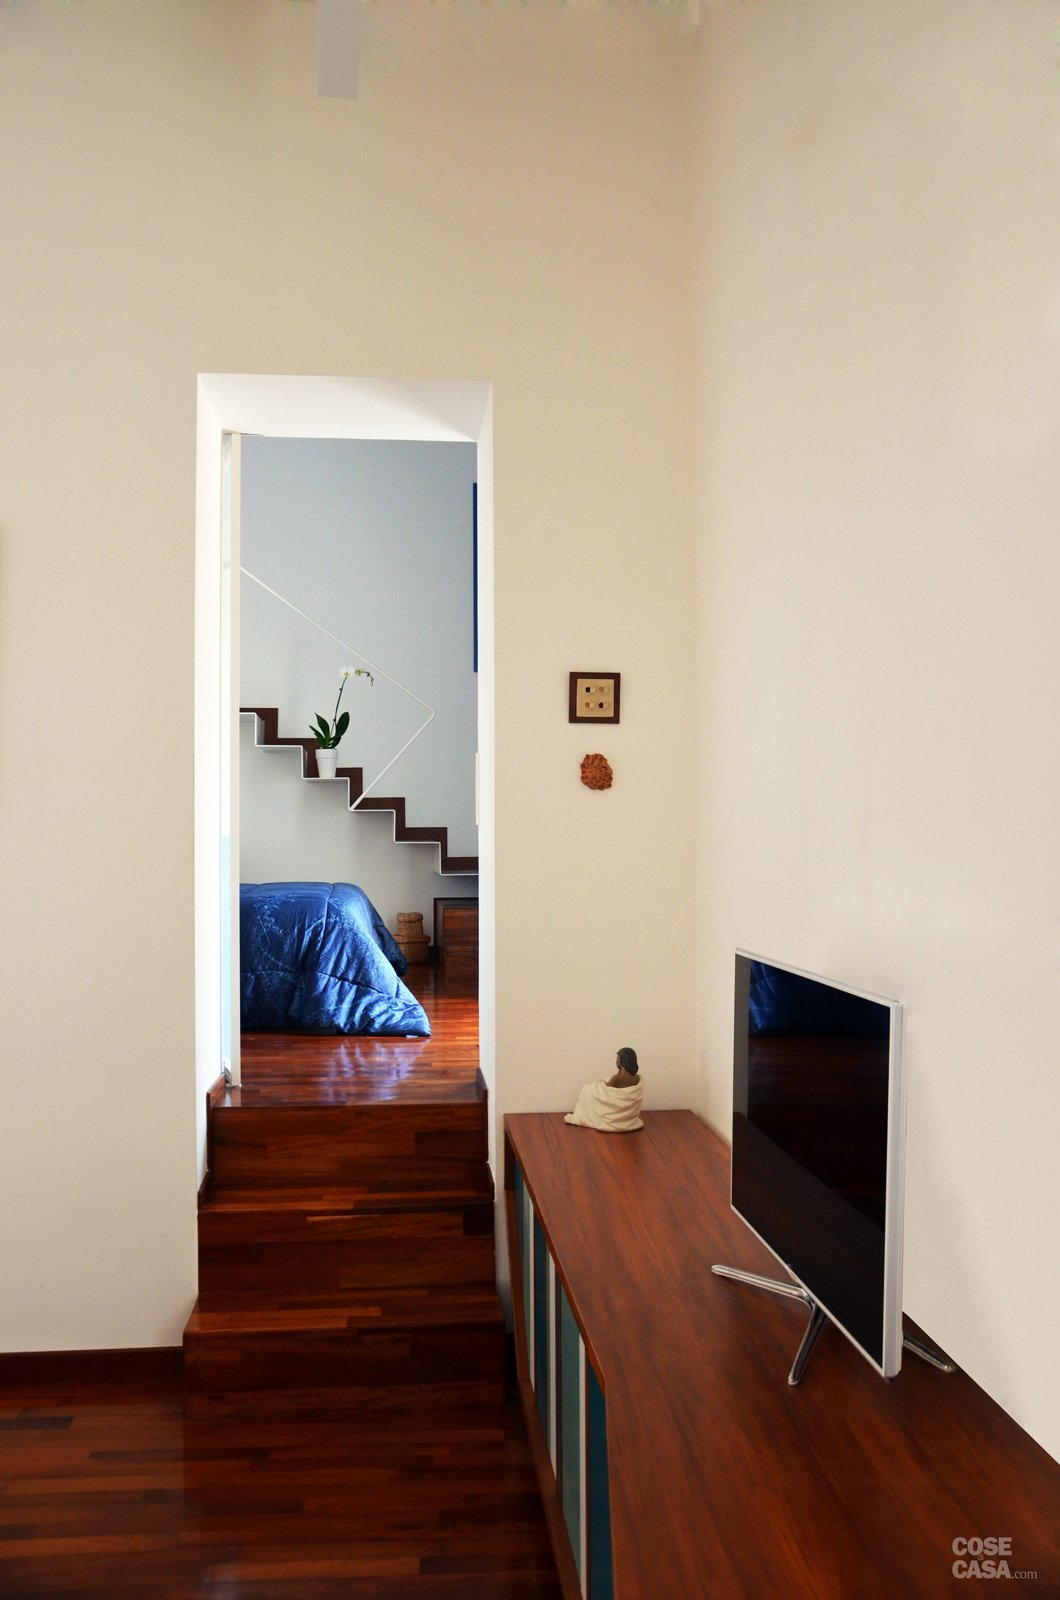 Cornici leroy merlin tutto su ispirazione design casa for Obi stufe a legna catalogo